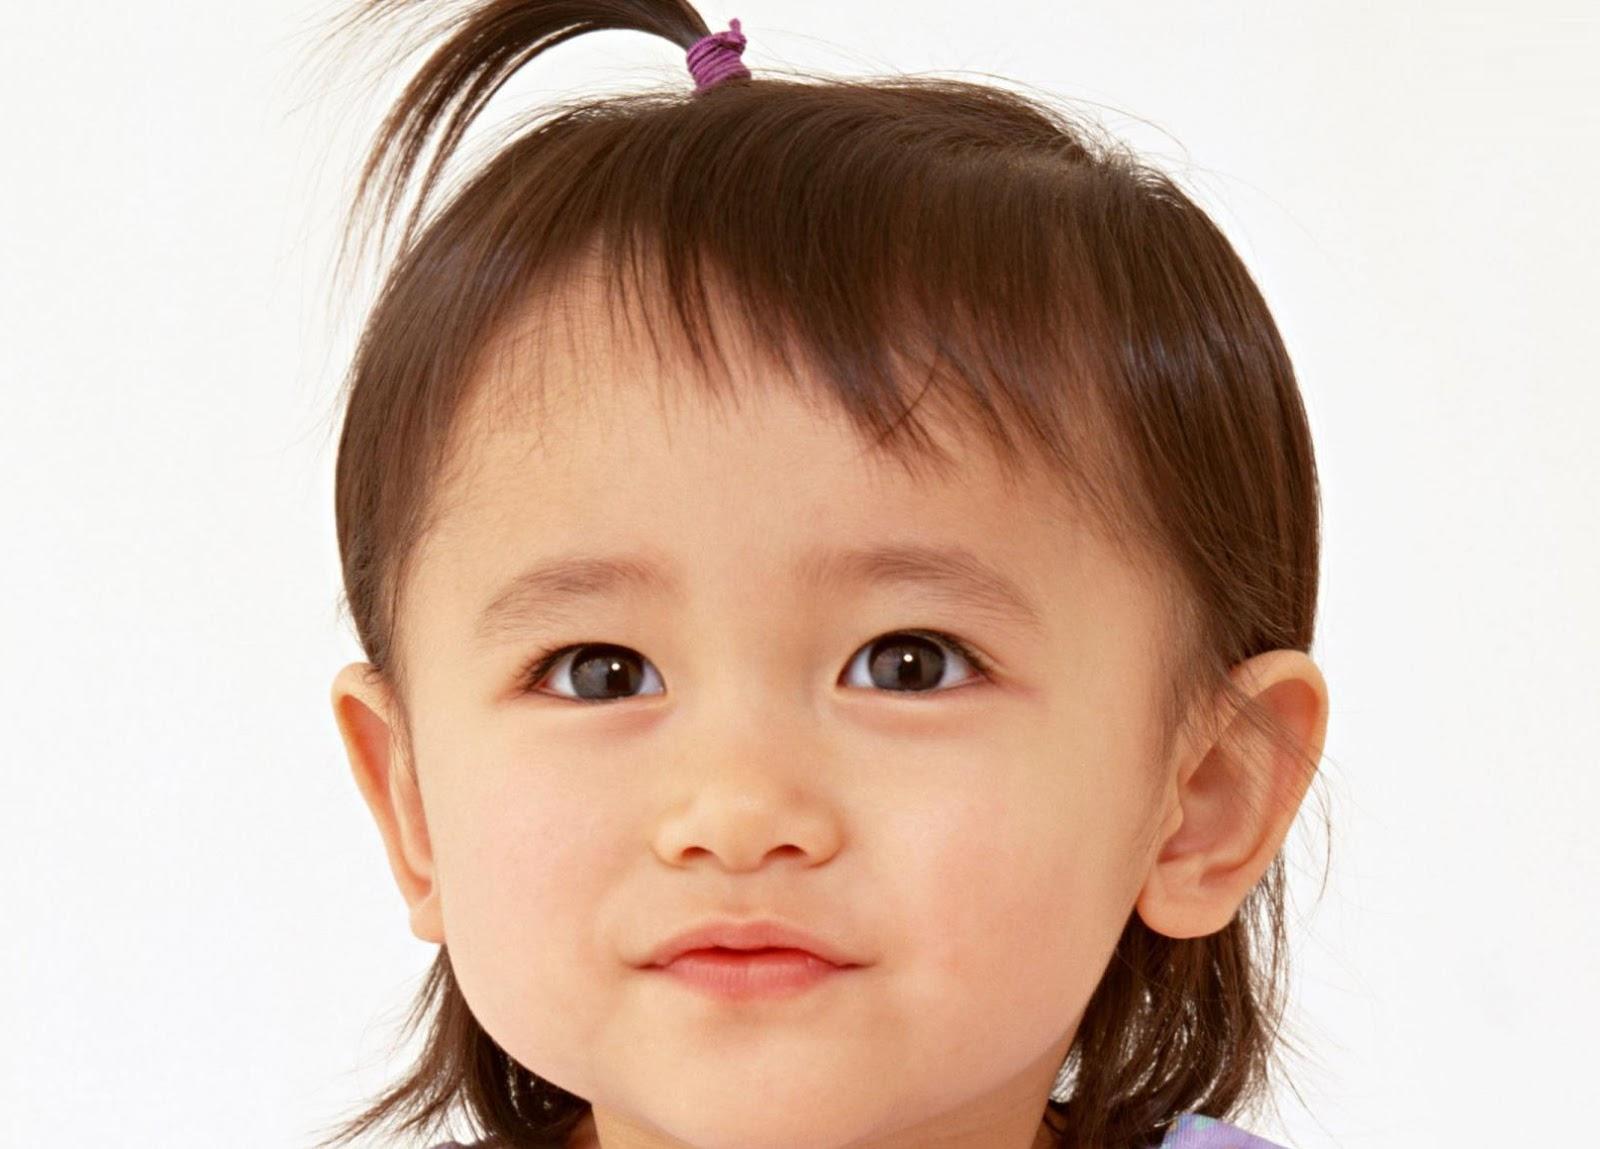 Cara Pintar 8 Cara Cepat Menumbuhkan Rambut Bayi Secara Alami ac066c5d8d